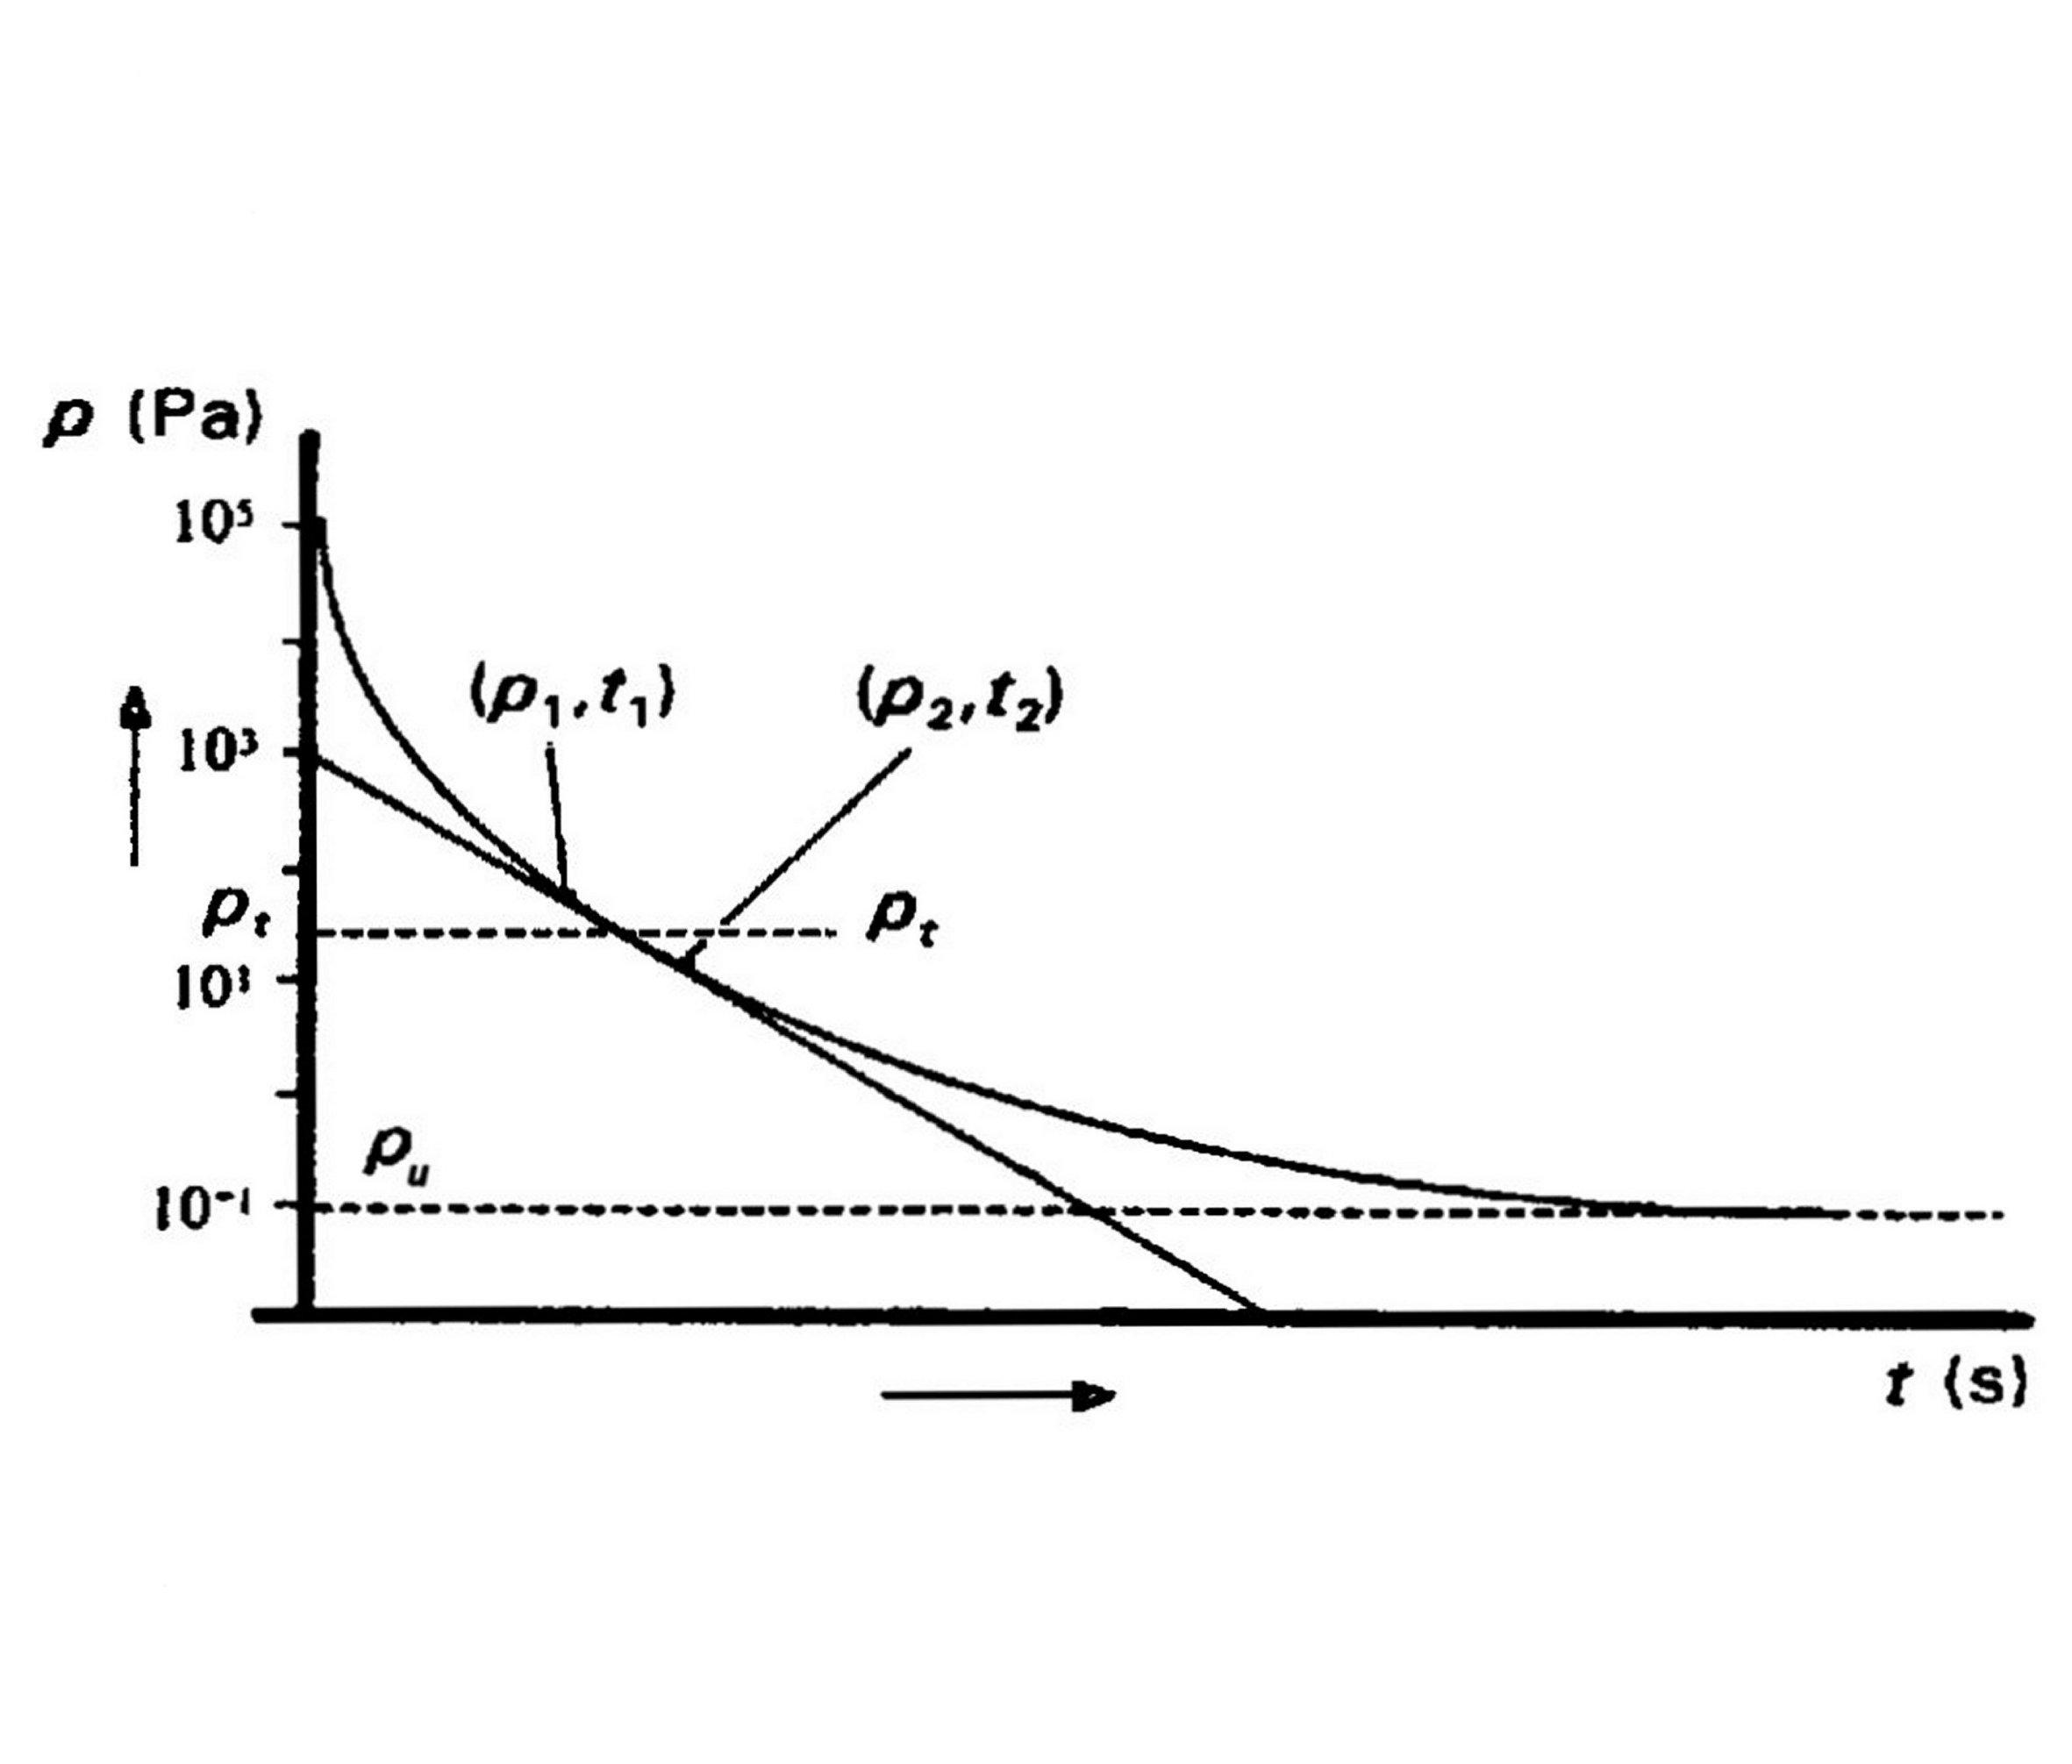 Measurements of pump properties - p(t) measurement to derive an S(p) curve